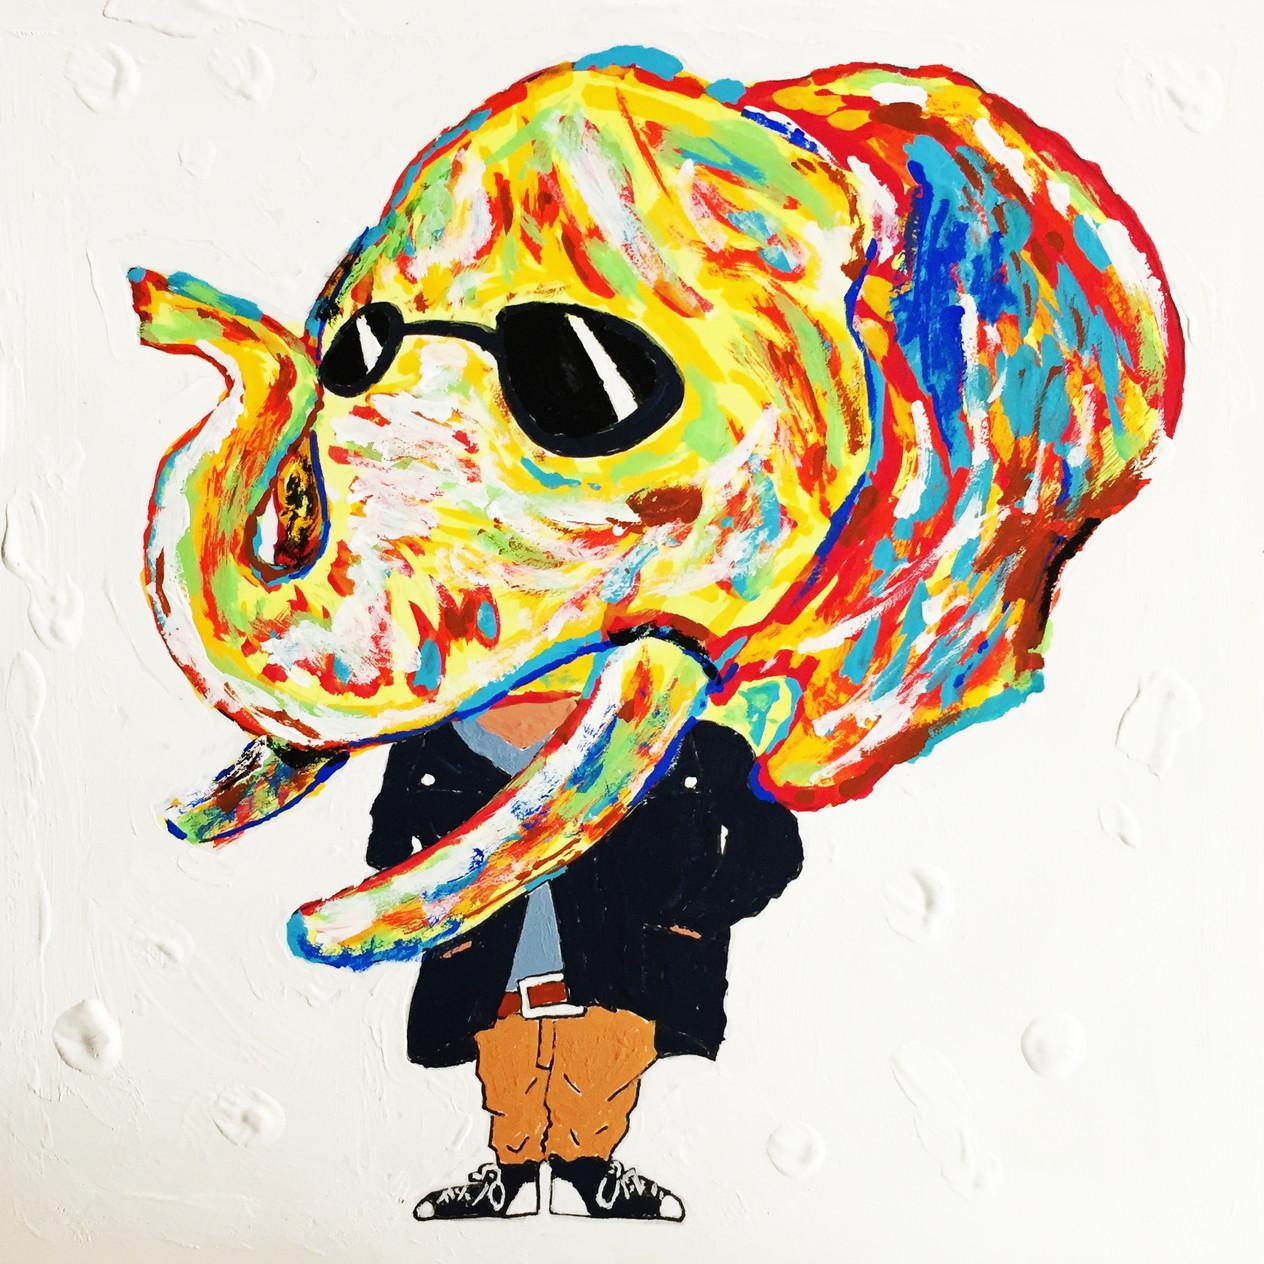 絵画 インテリア アートパネル 雑貨 壁掛け 置物 おしゃれ アクリル画 イラスト ゾウ 動物 ロココロ 画家 : yuki 作品 : 威圧